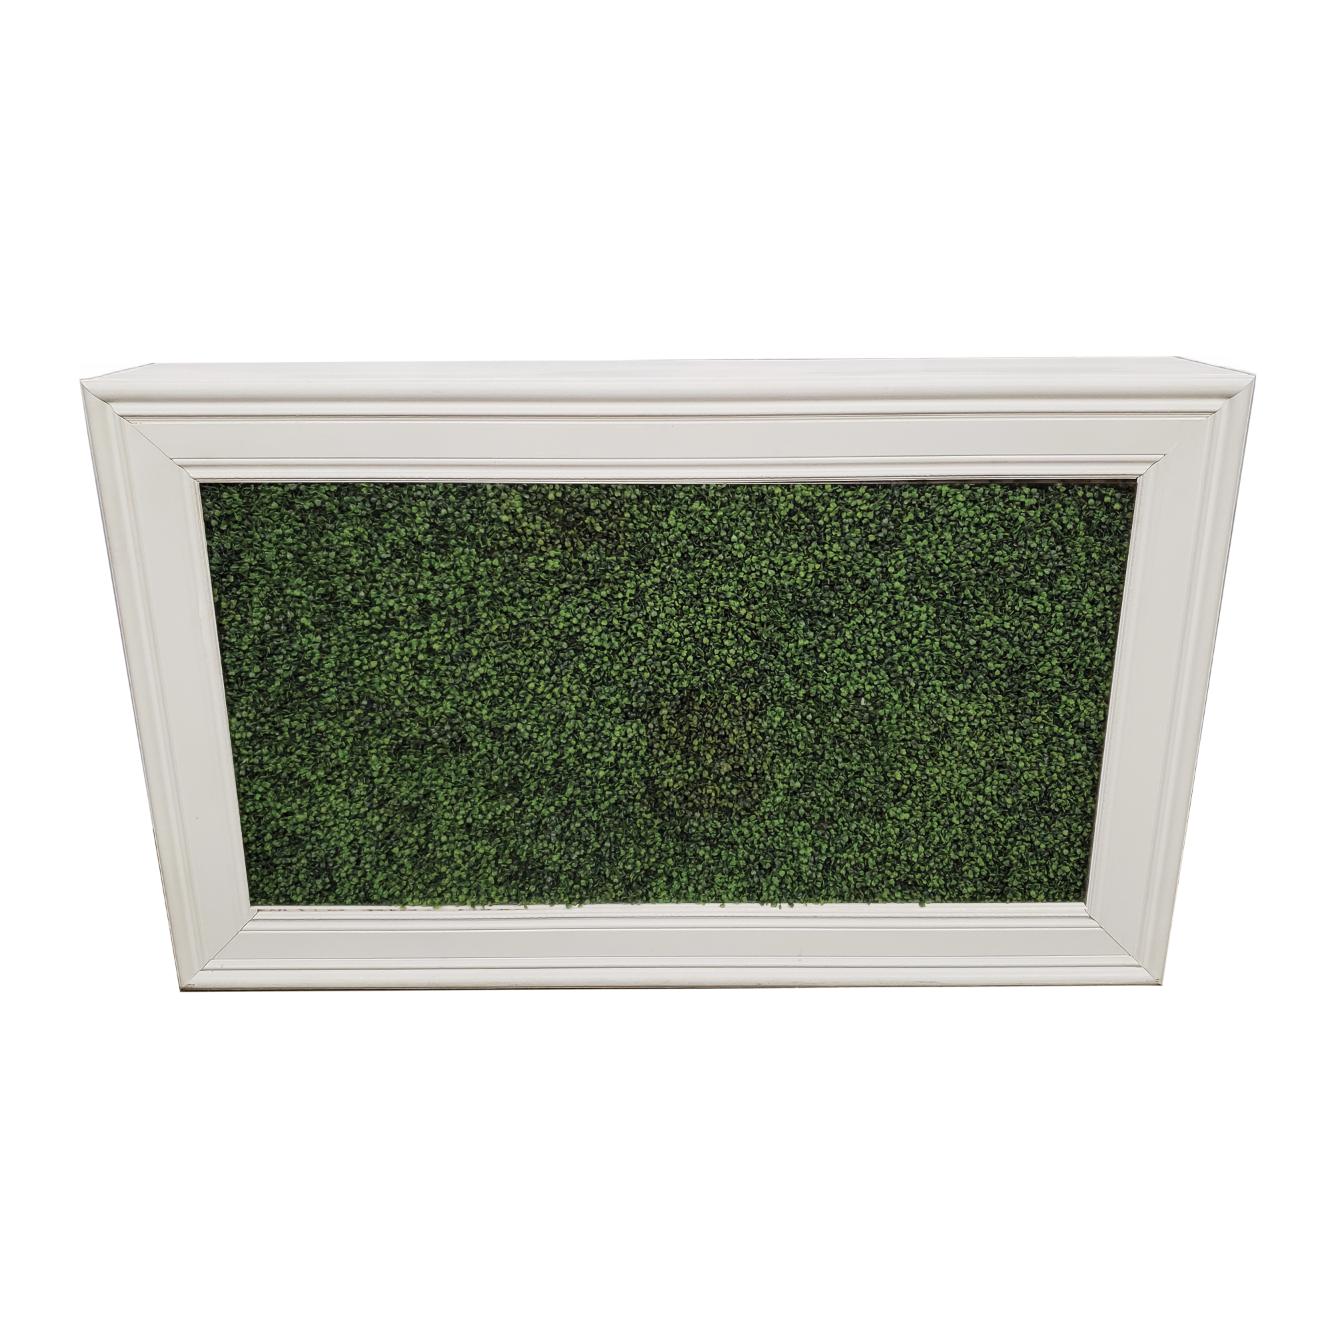 White Frame/Hedge Insert $250